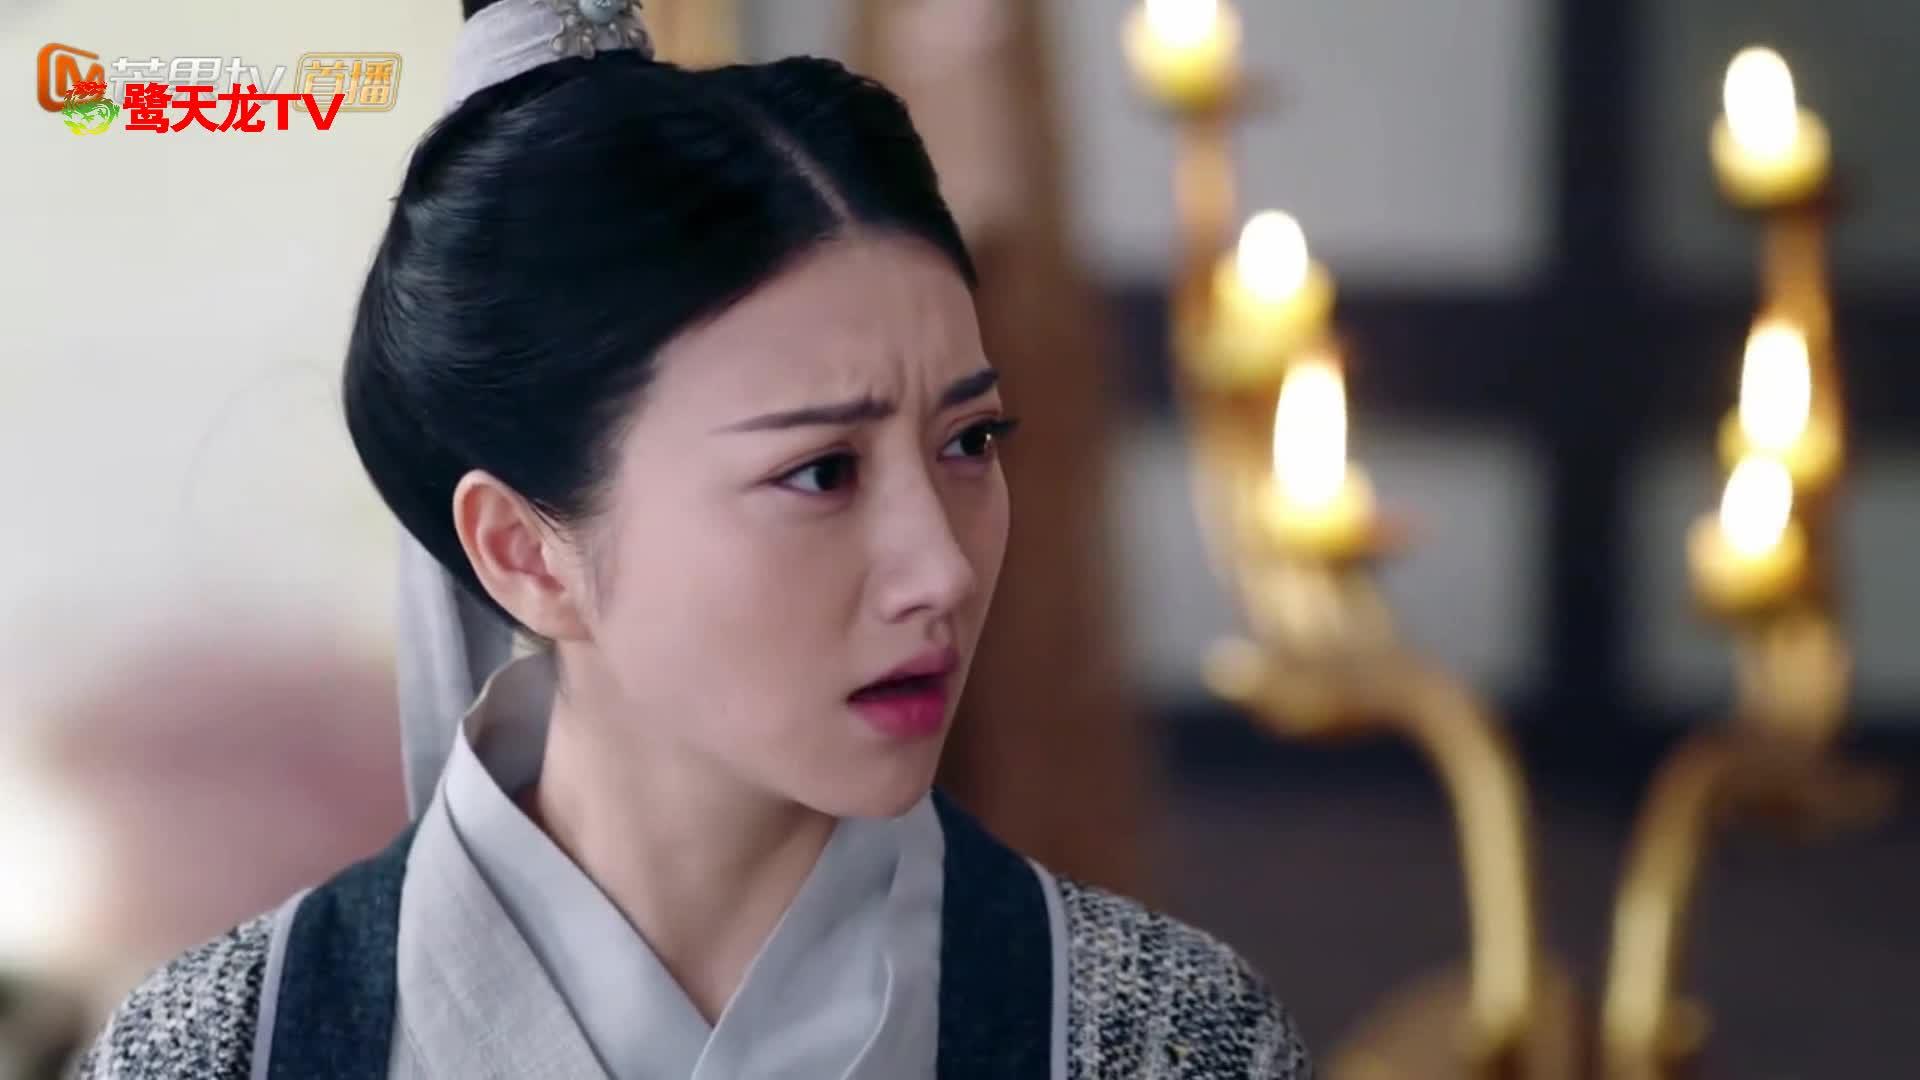 广平王你在哪?安庆绪疯狂逼婚吓坏沈珍珠